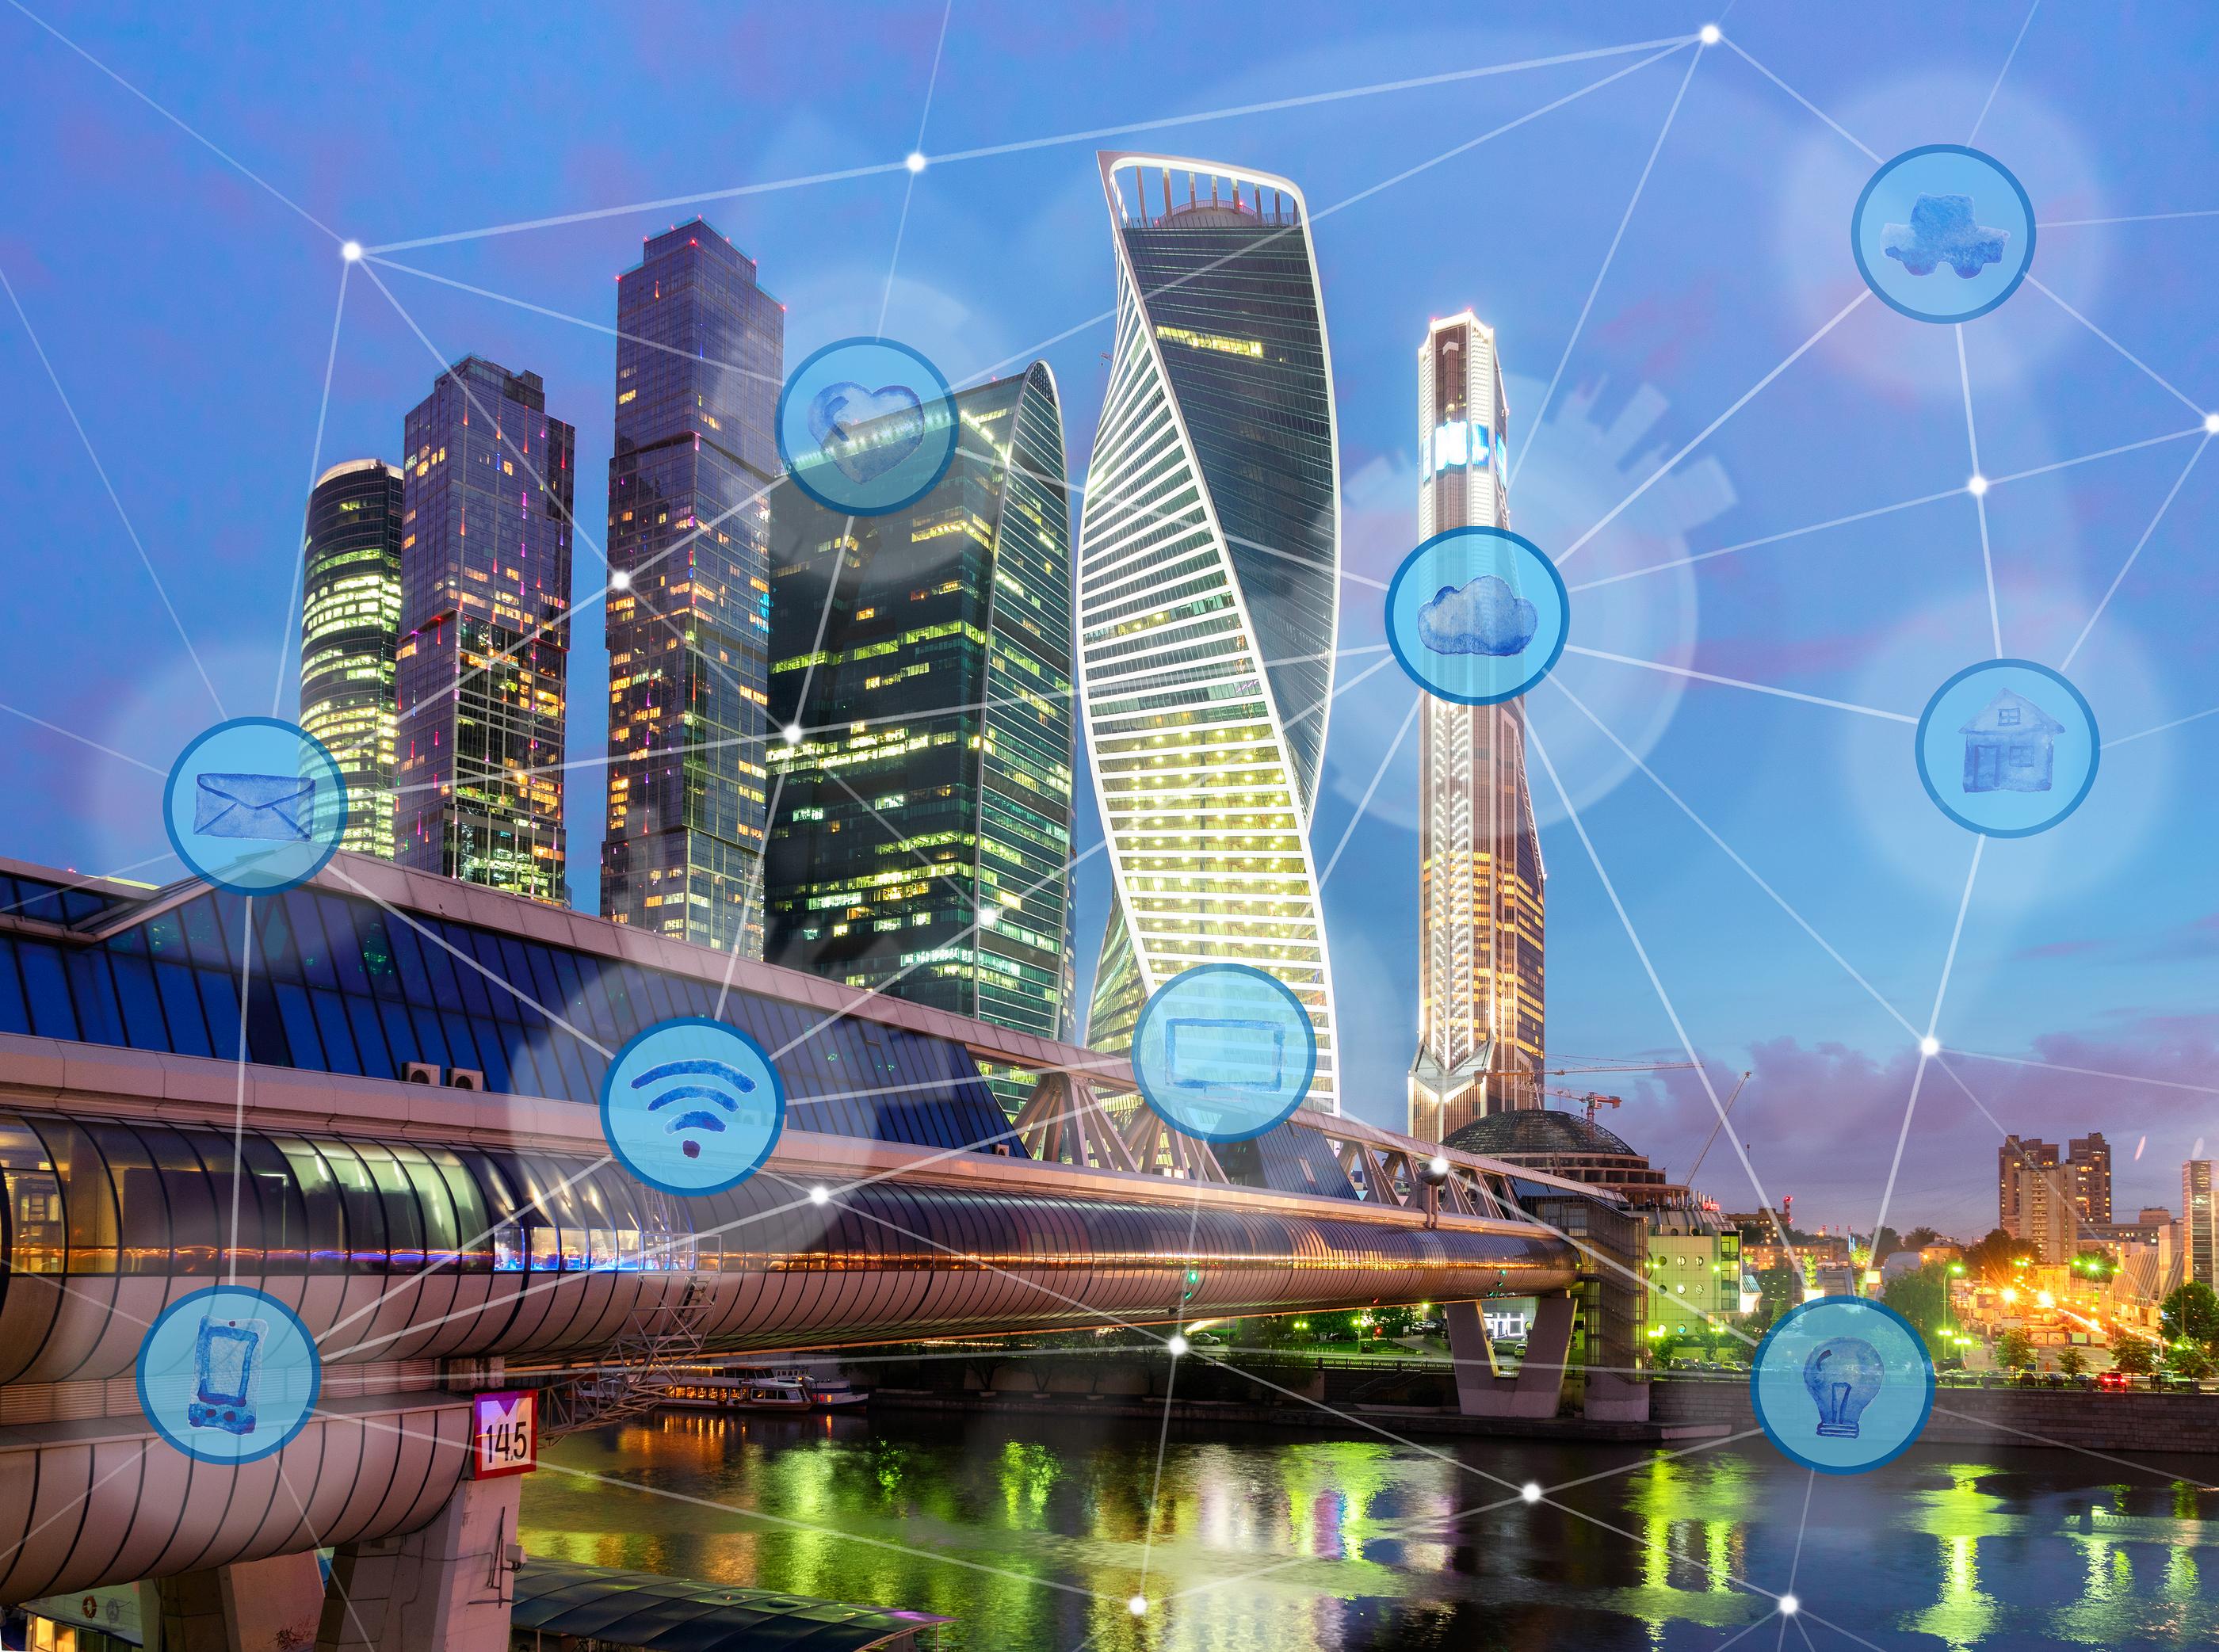 Центр искусственного интеллекта МТC и Atos создадут коробочные продукты для промышленной аналитики на основе edge computing